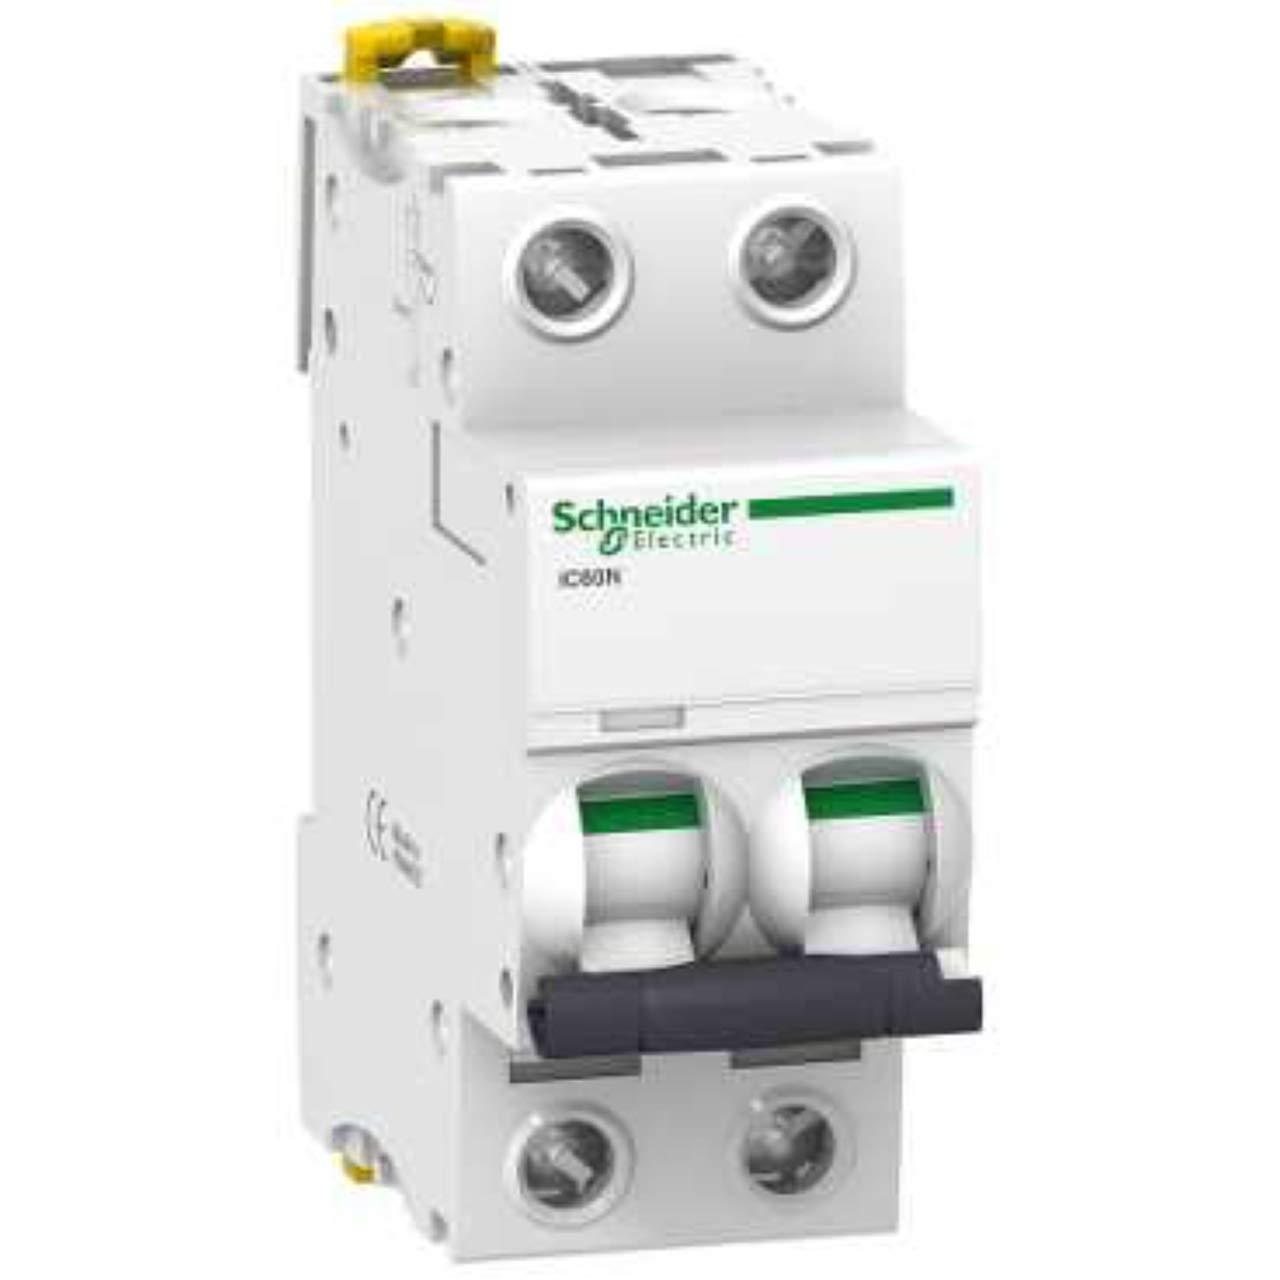 Blanc 10/A Courant 85/mm hauteur x 36/mm largeur x 78.5/mm profondeur 50//60/Hz acti9 Courbure D Schneider electric a9/F75210/iC60/N disjoncteur 2p